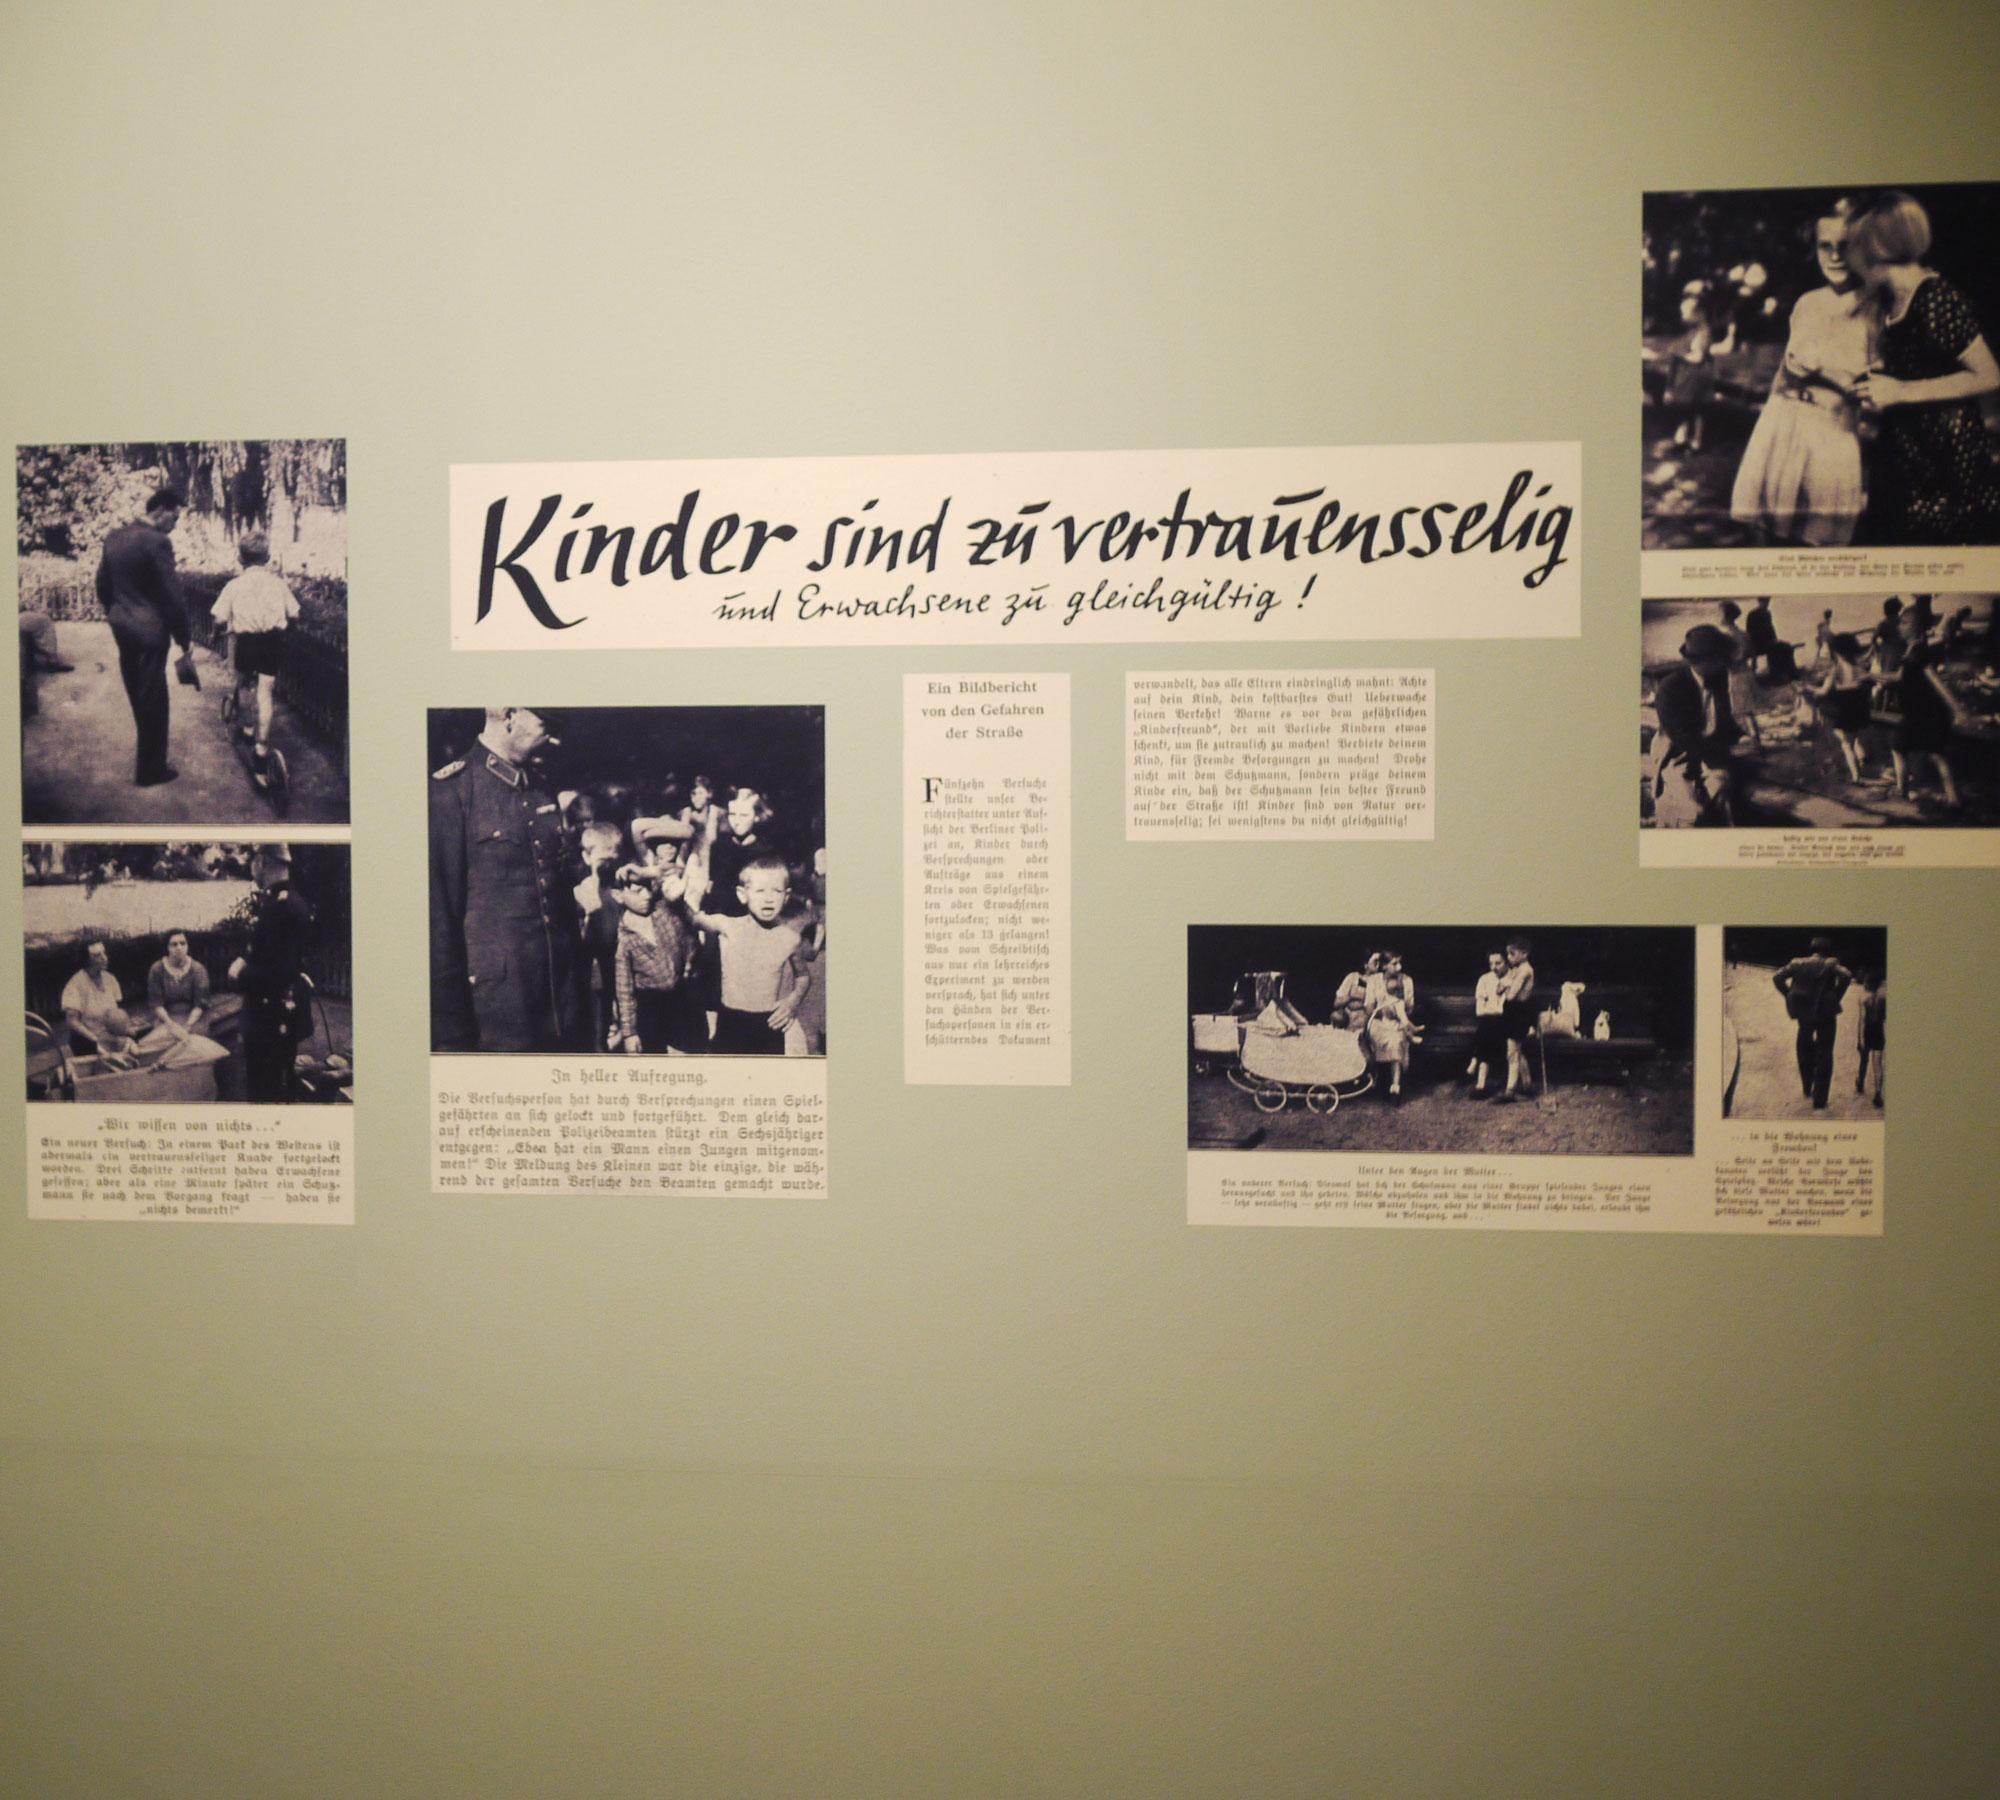 Ausstellung in der Humboldt-Box | HIMBEER Magazin